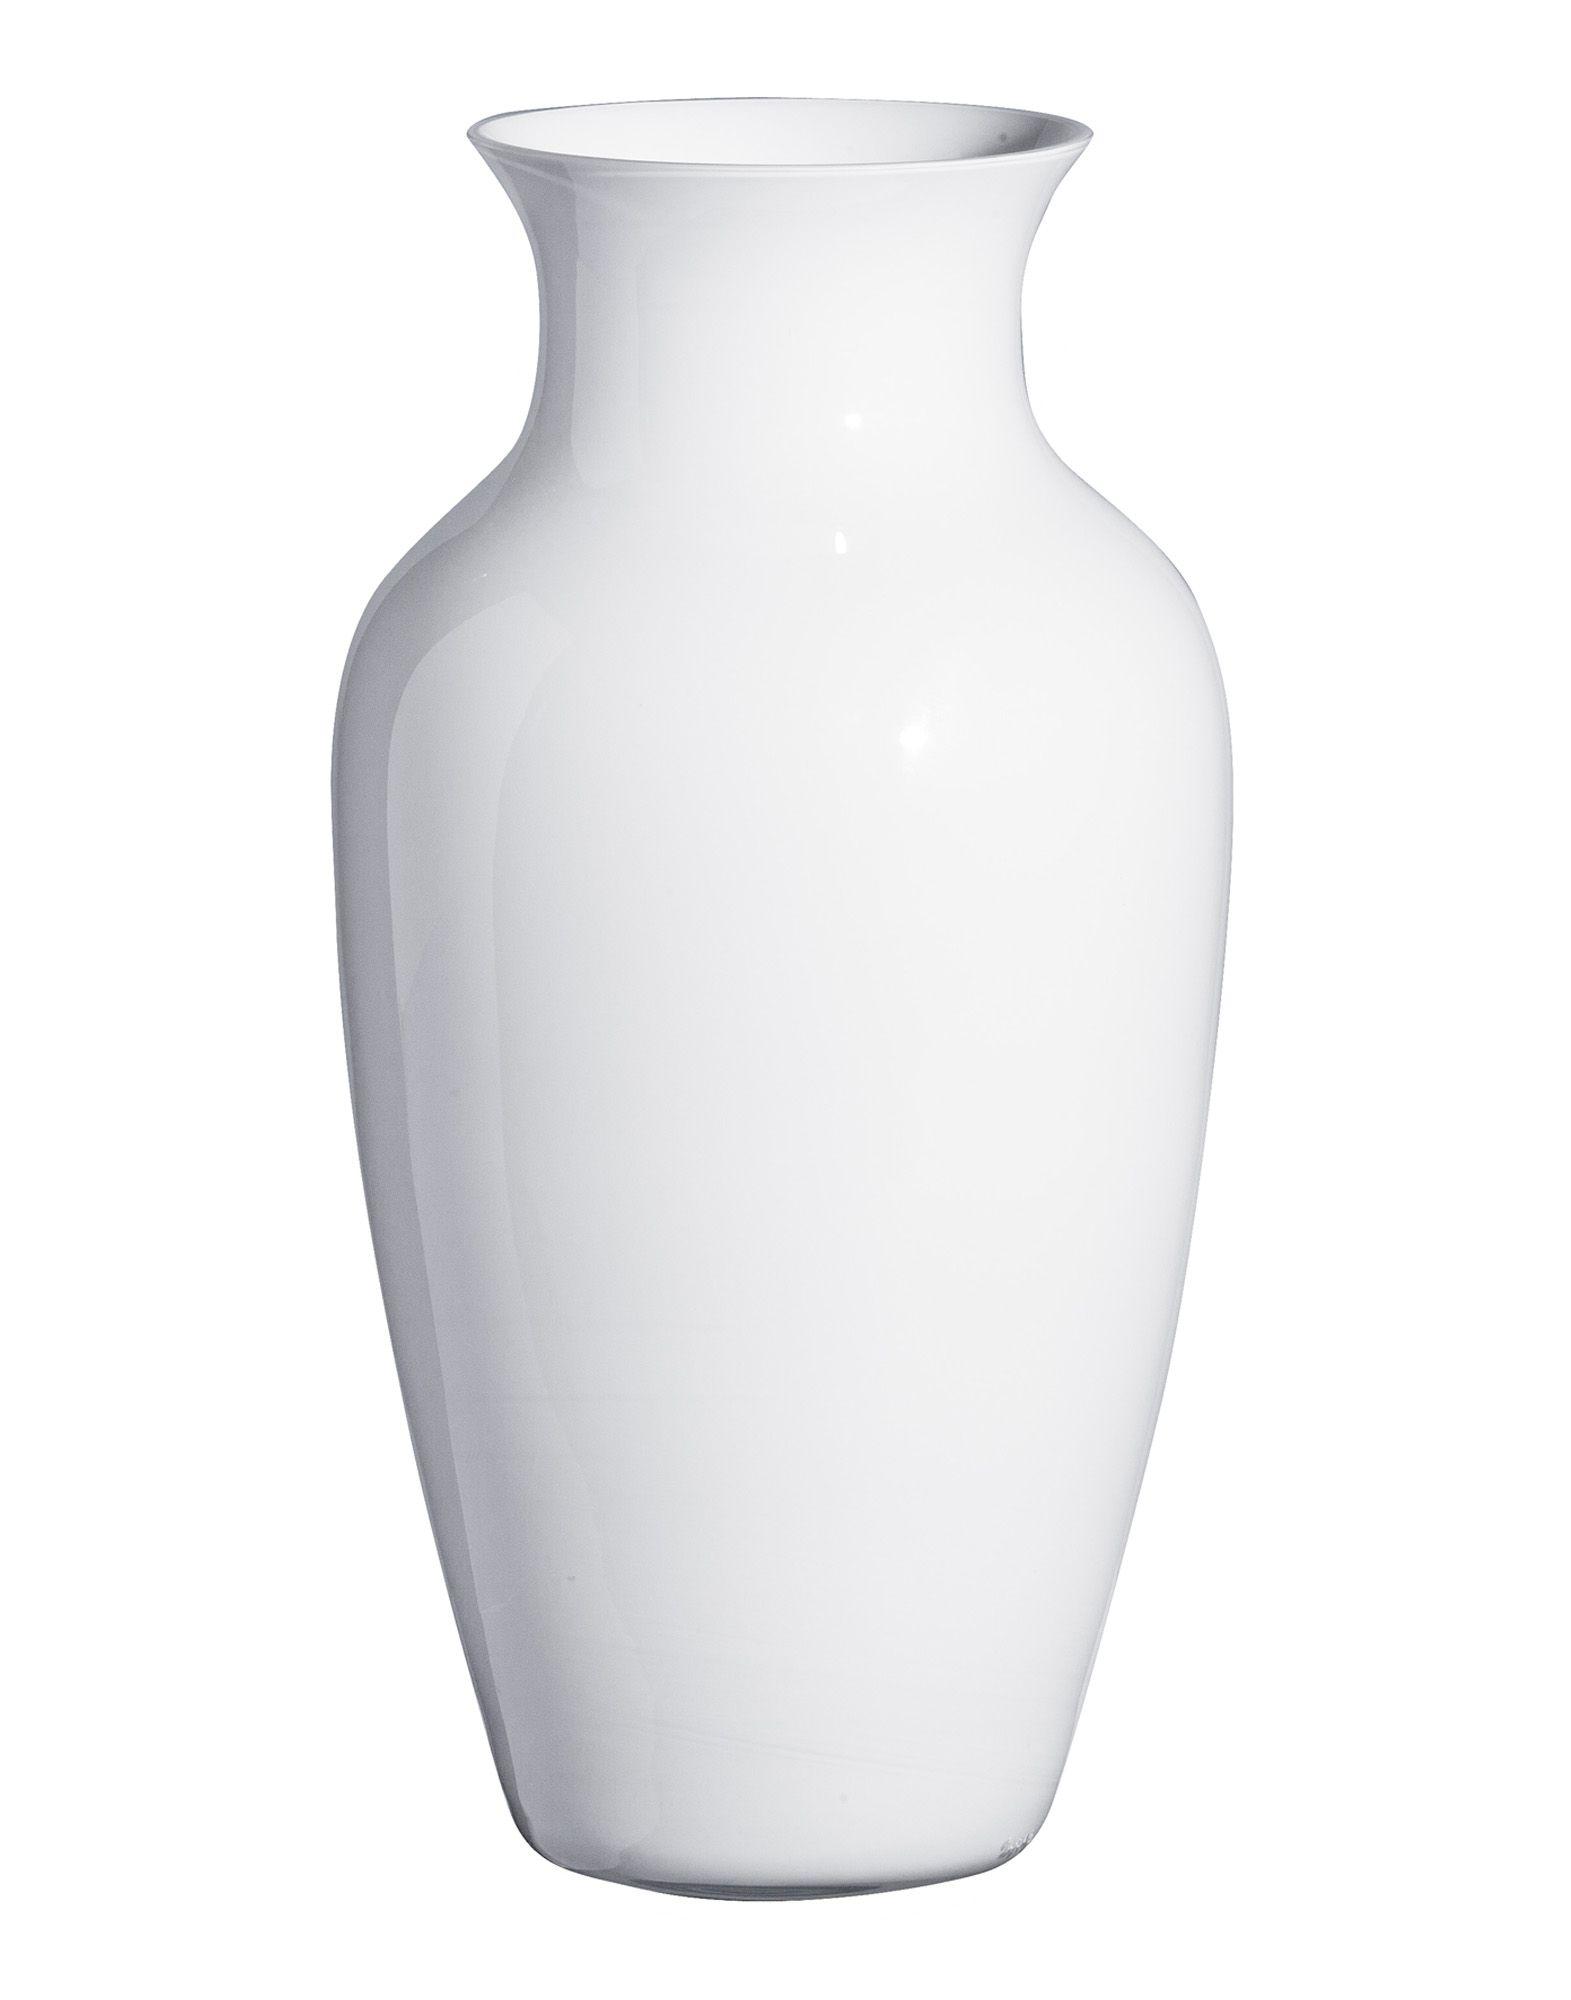 《送料無料》CARLO MORETTI Unisex ベース ホワイト ガラス PIRUS